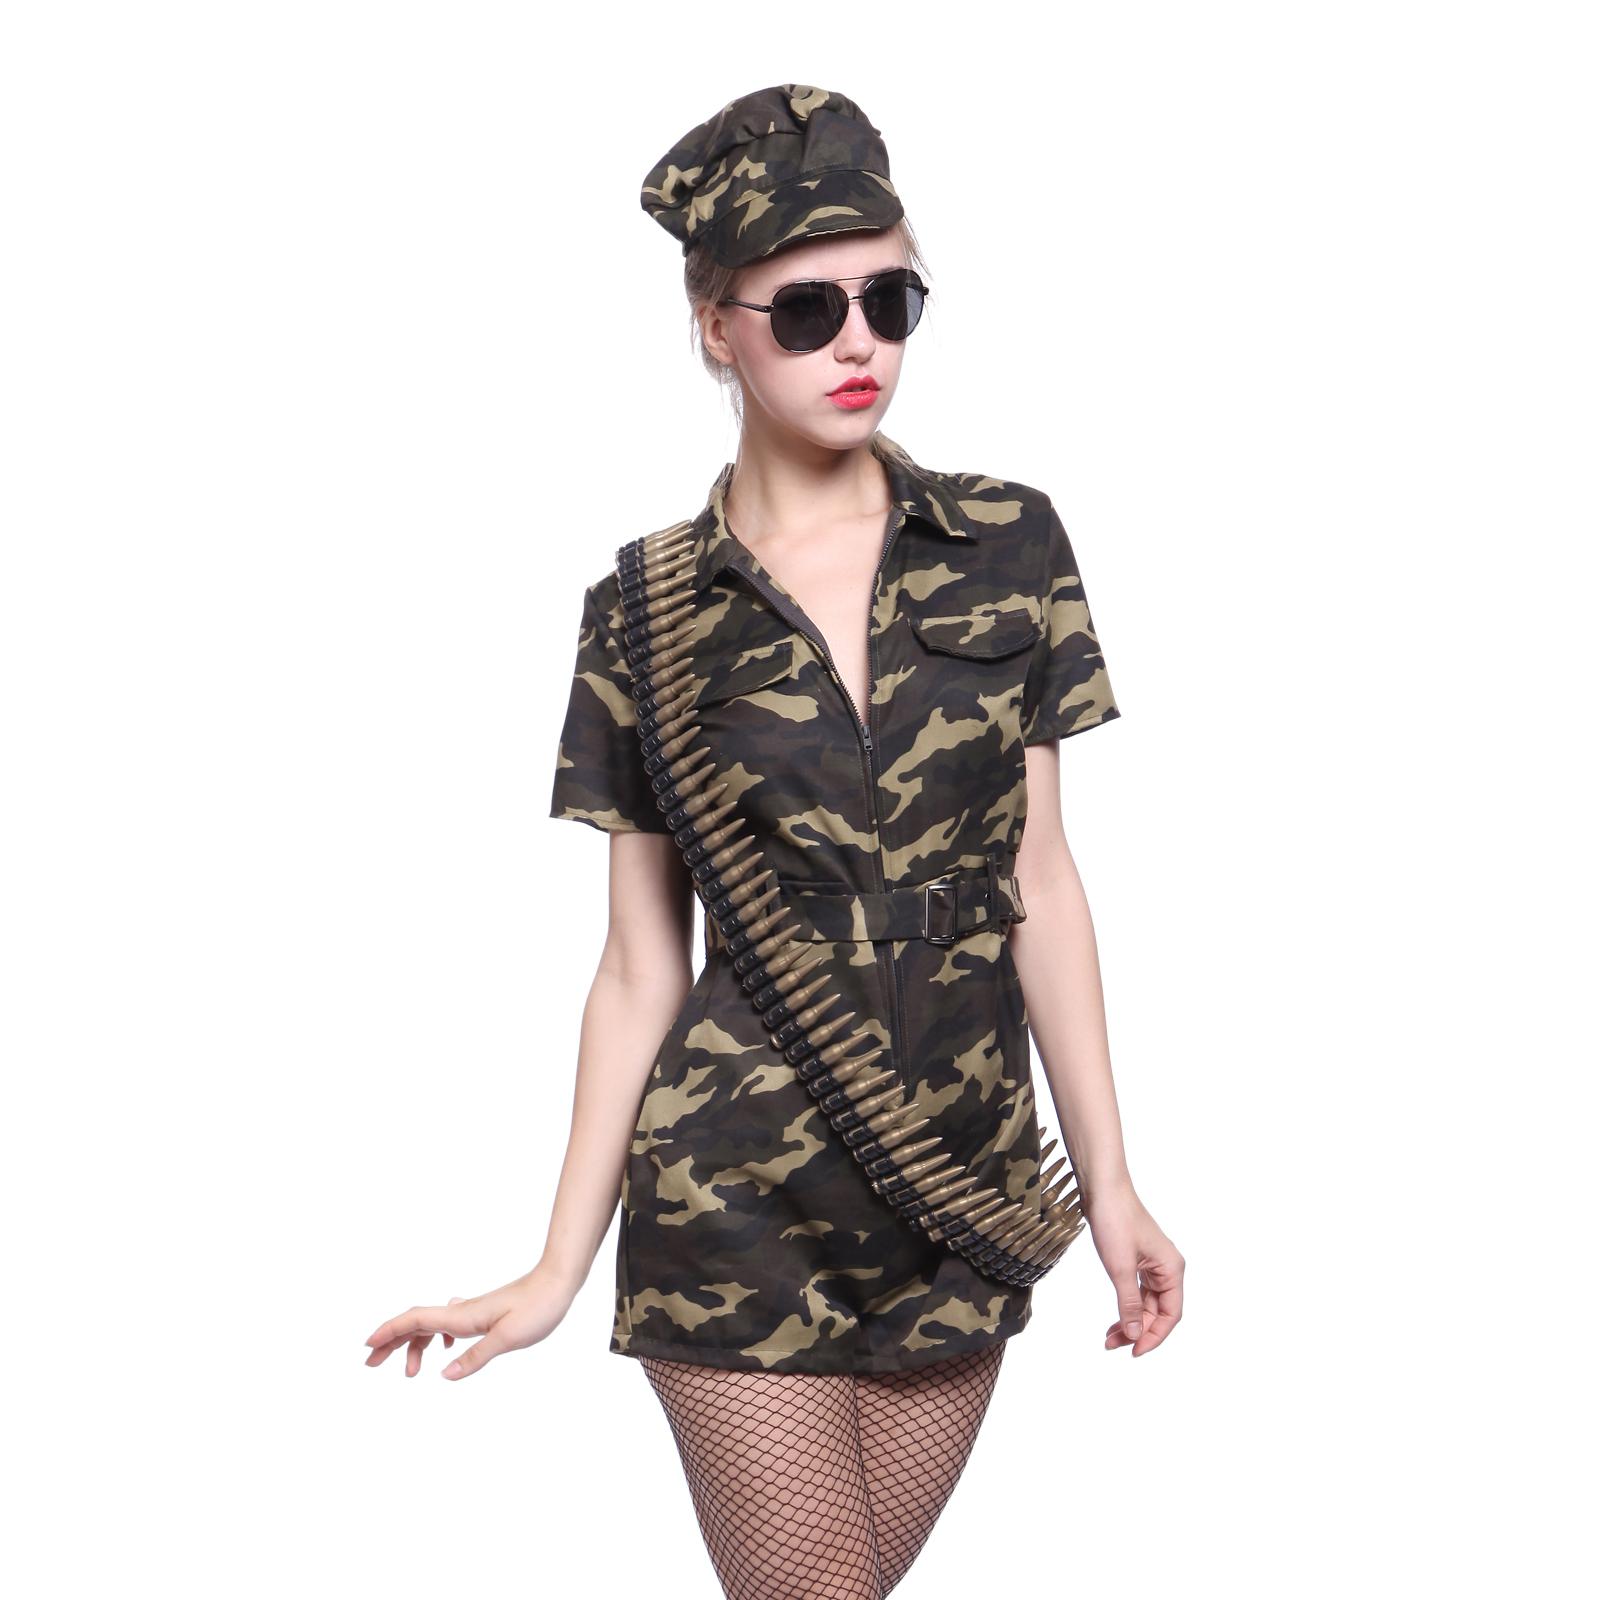 Militär Kostüm Mädchen Camouflage Army Girl Armee Soldatin Show